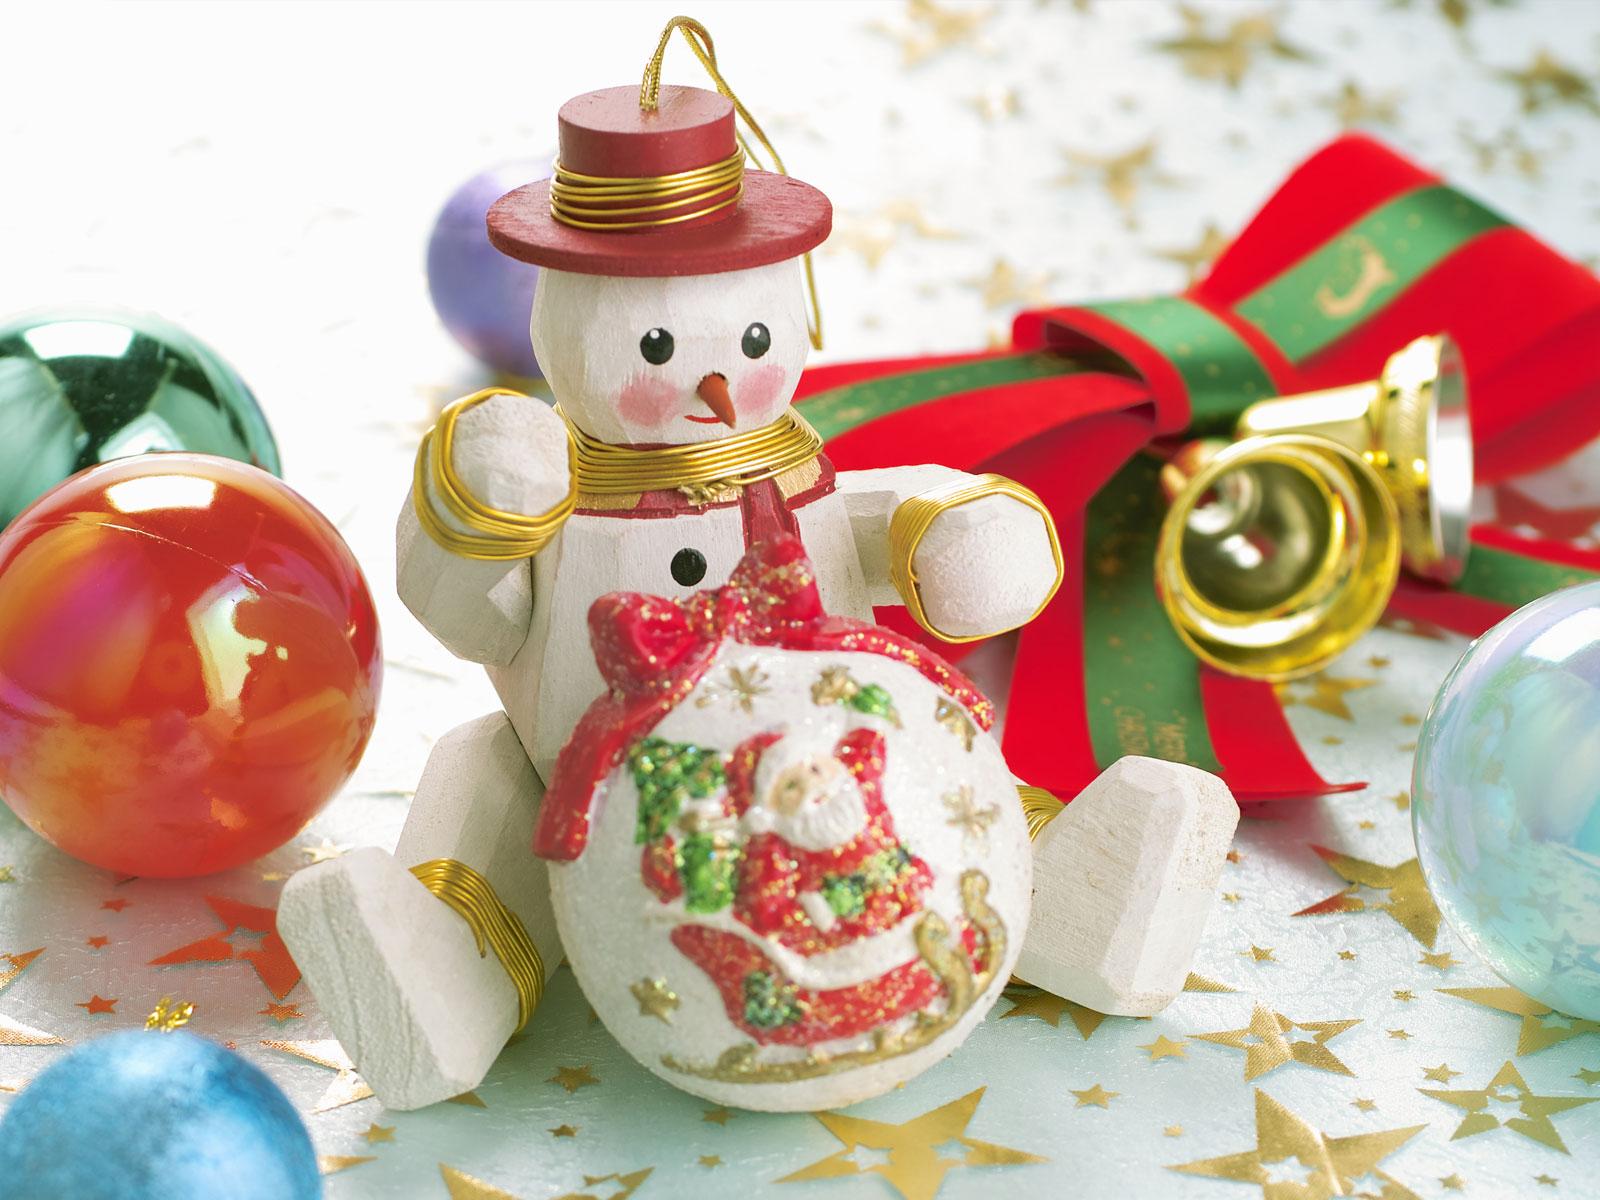 クリスマスイベントイメージ画像